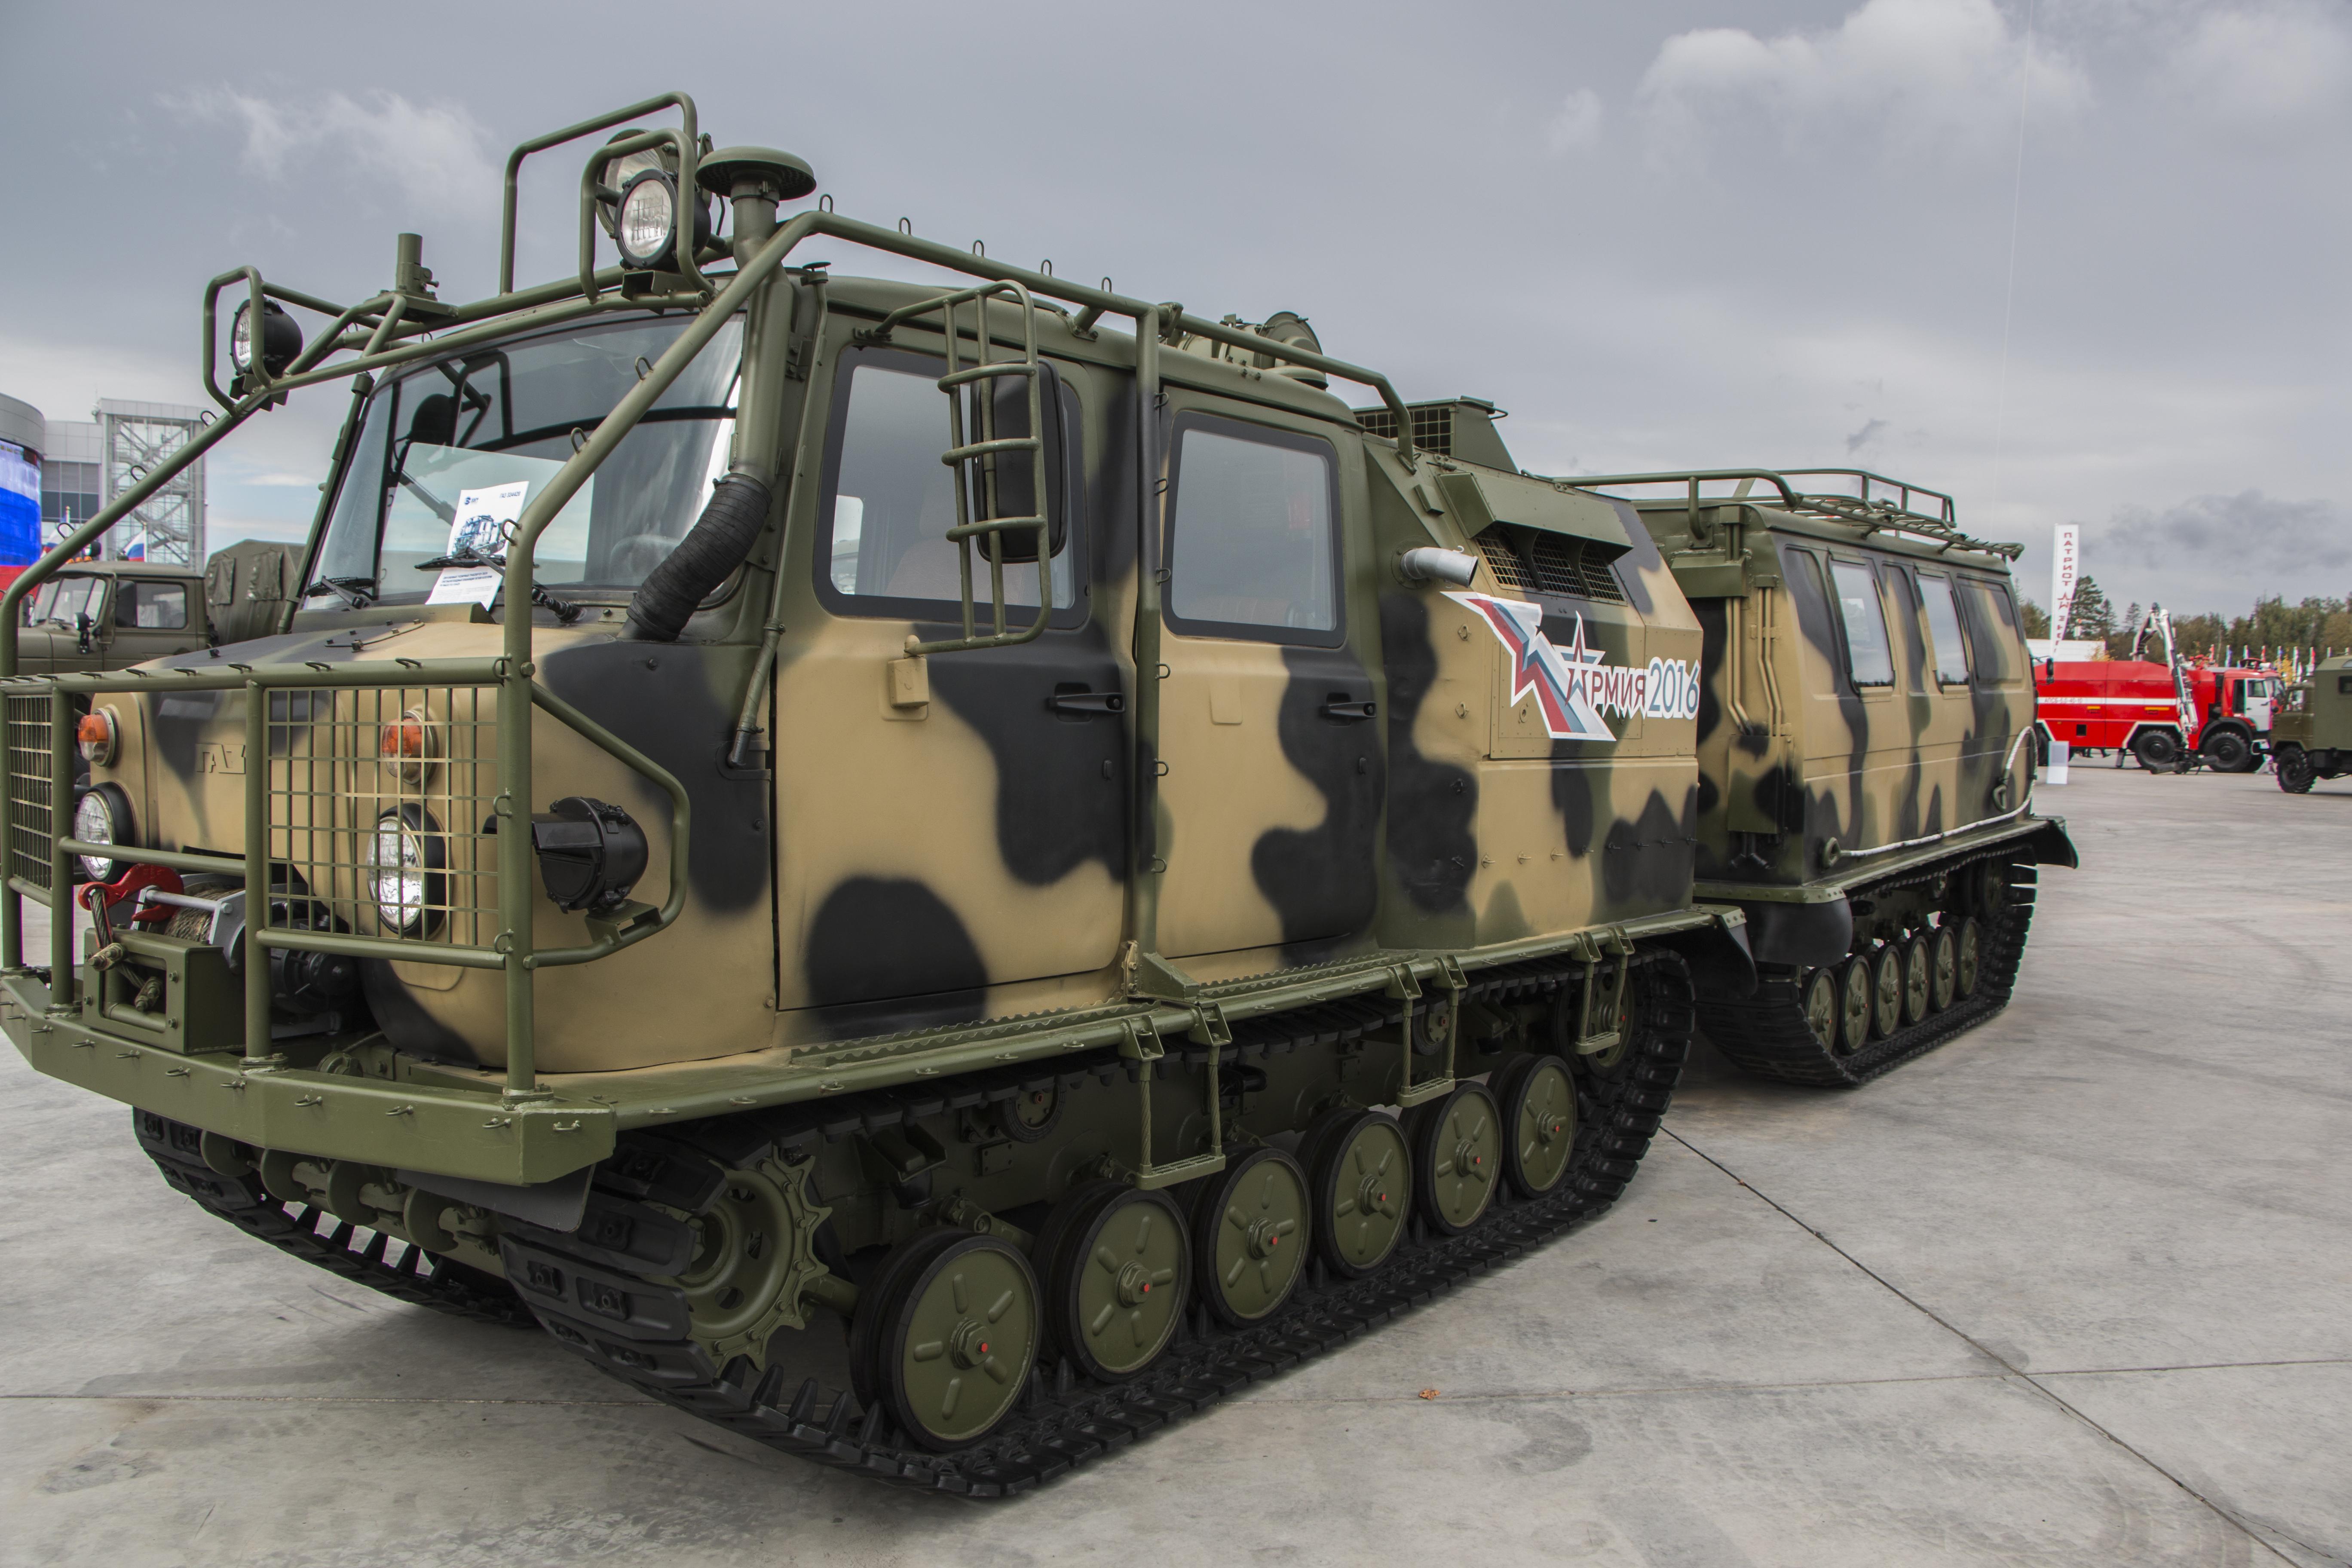 Военные гусеничные транспортеры купить дверь для фольксваген транспортер